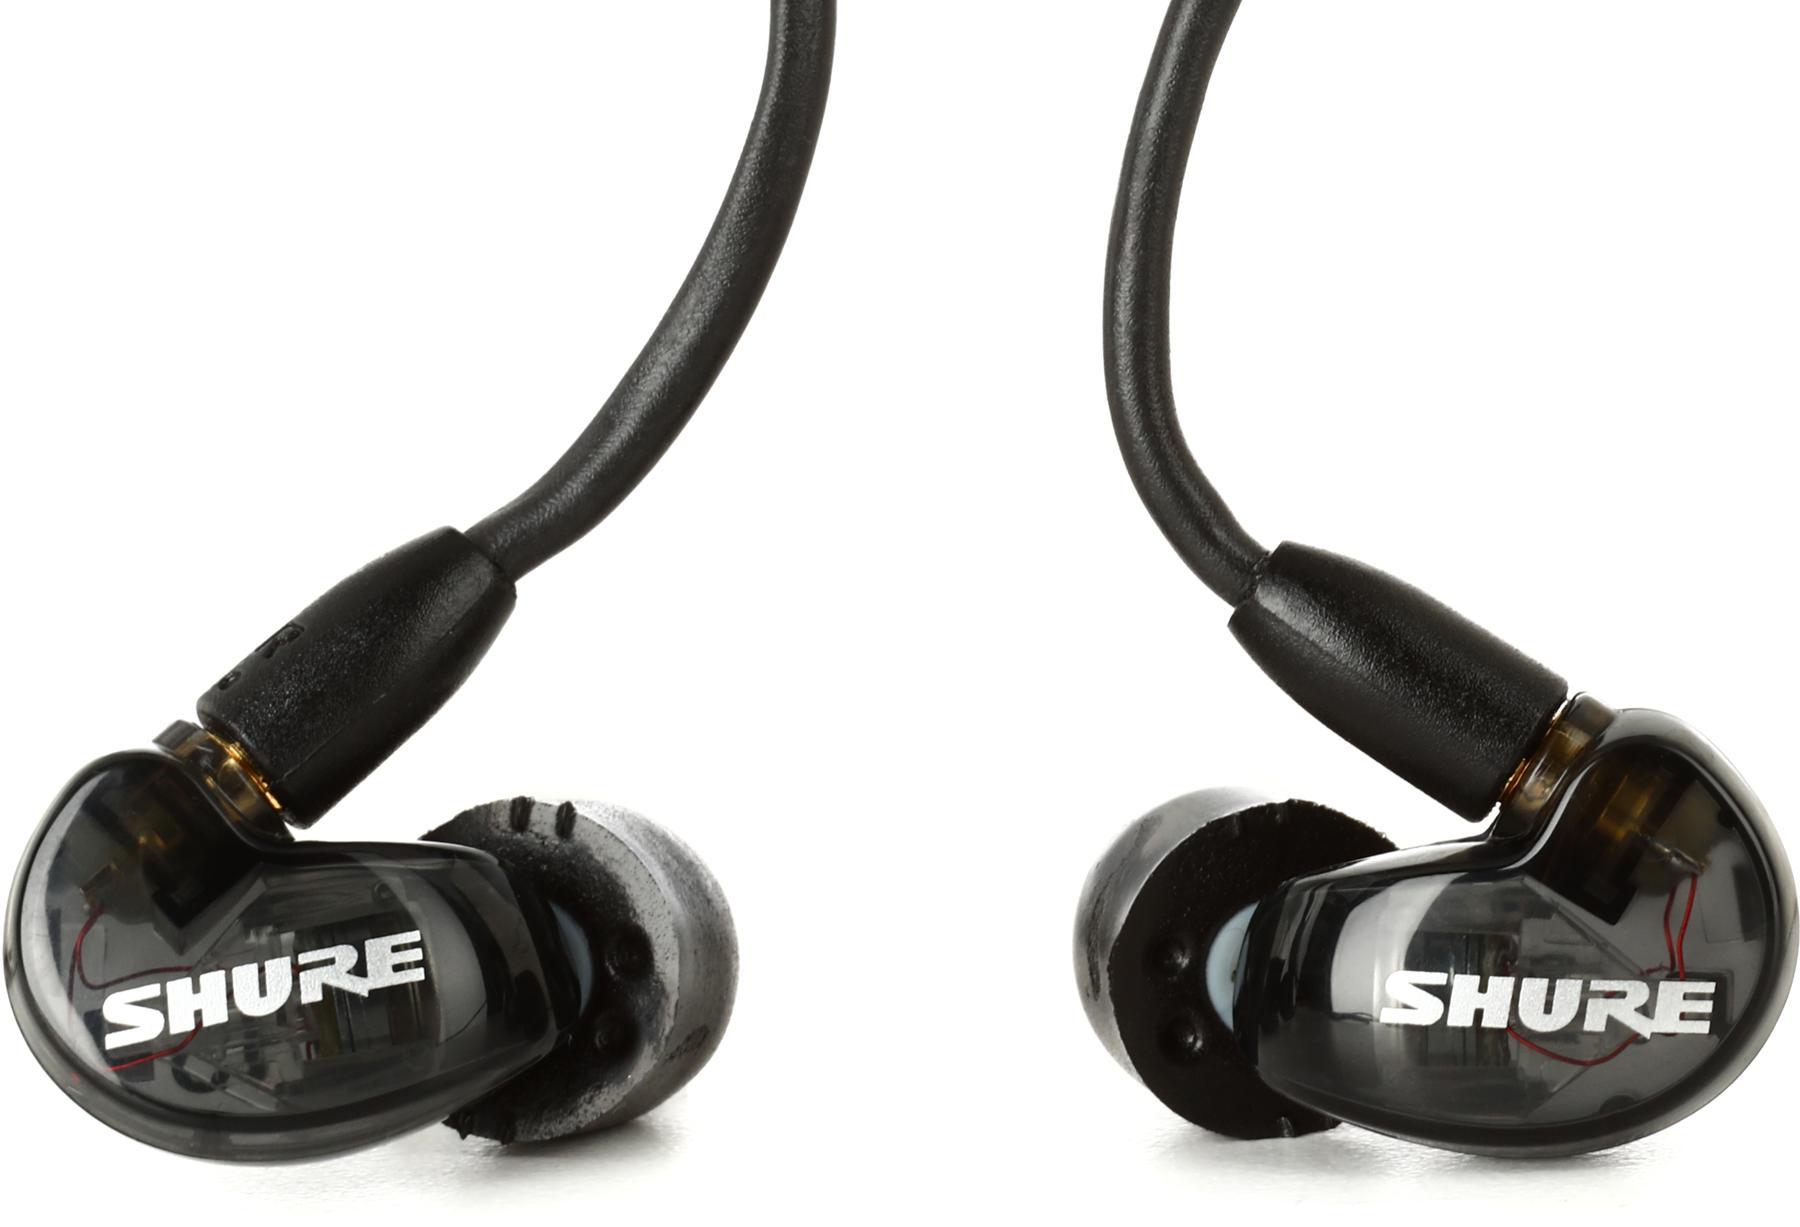 3. Shure SE215-K